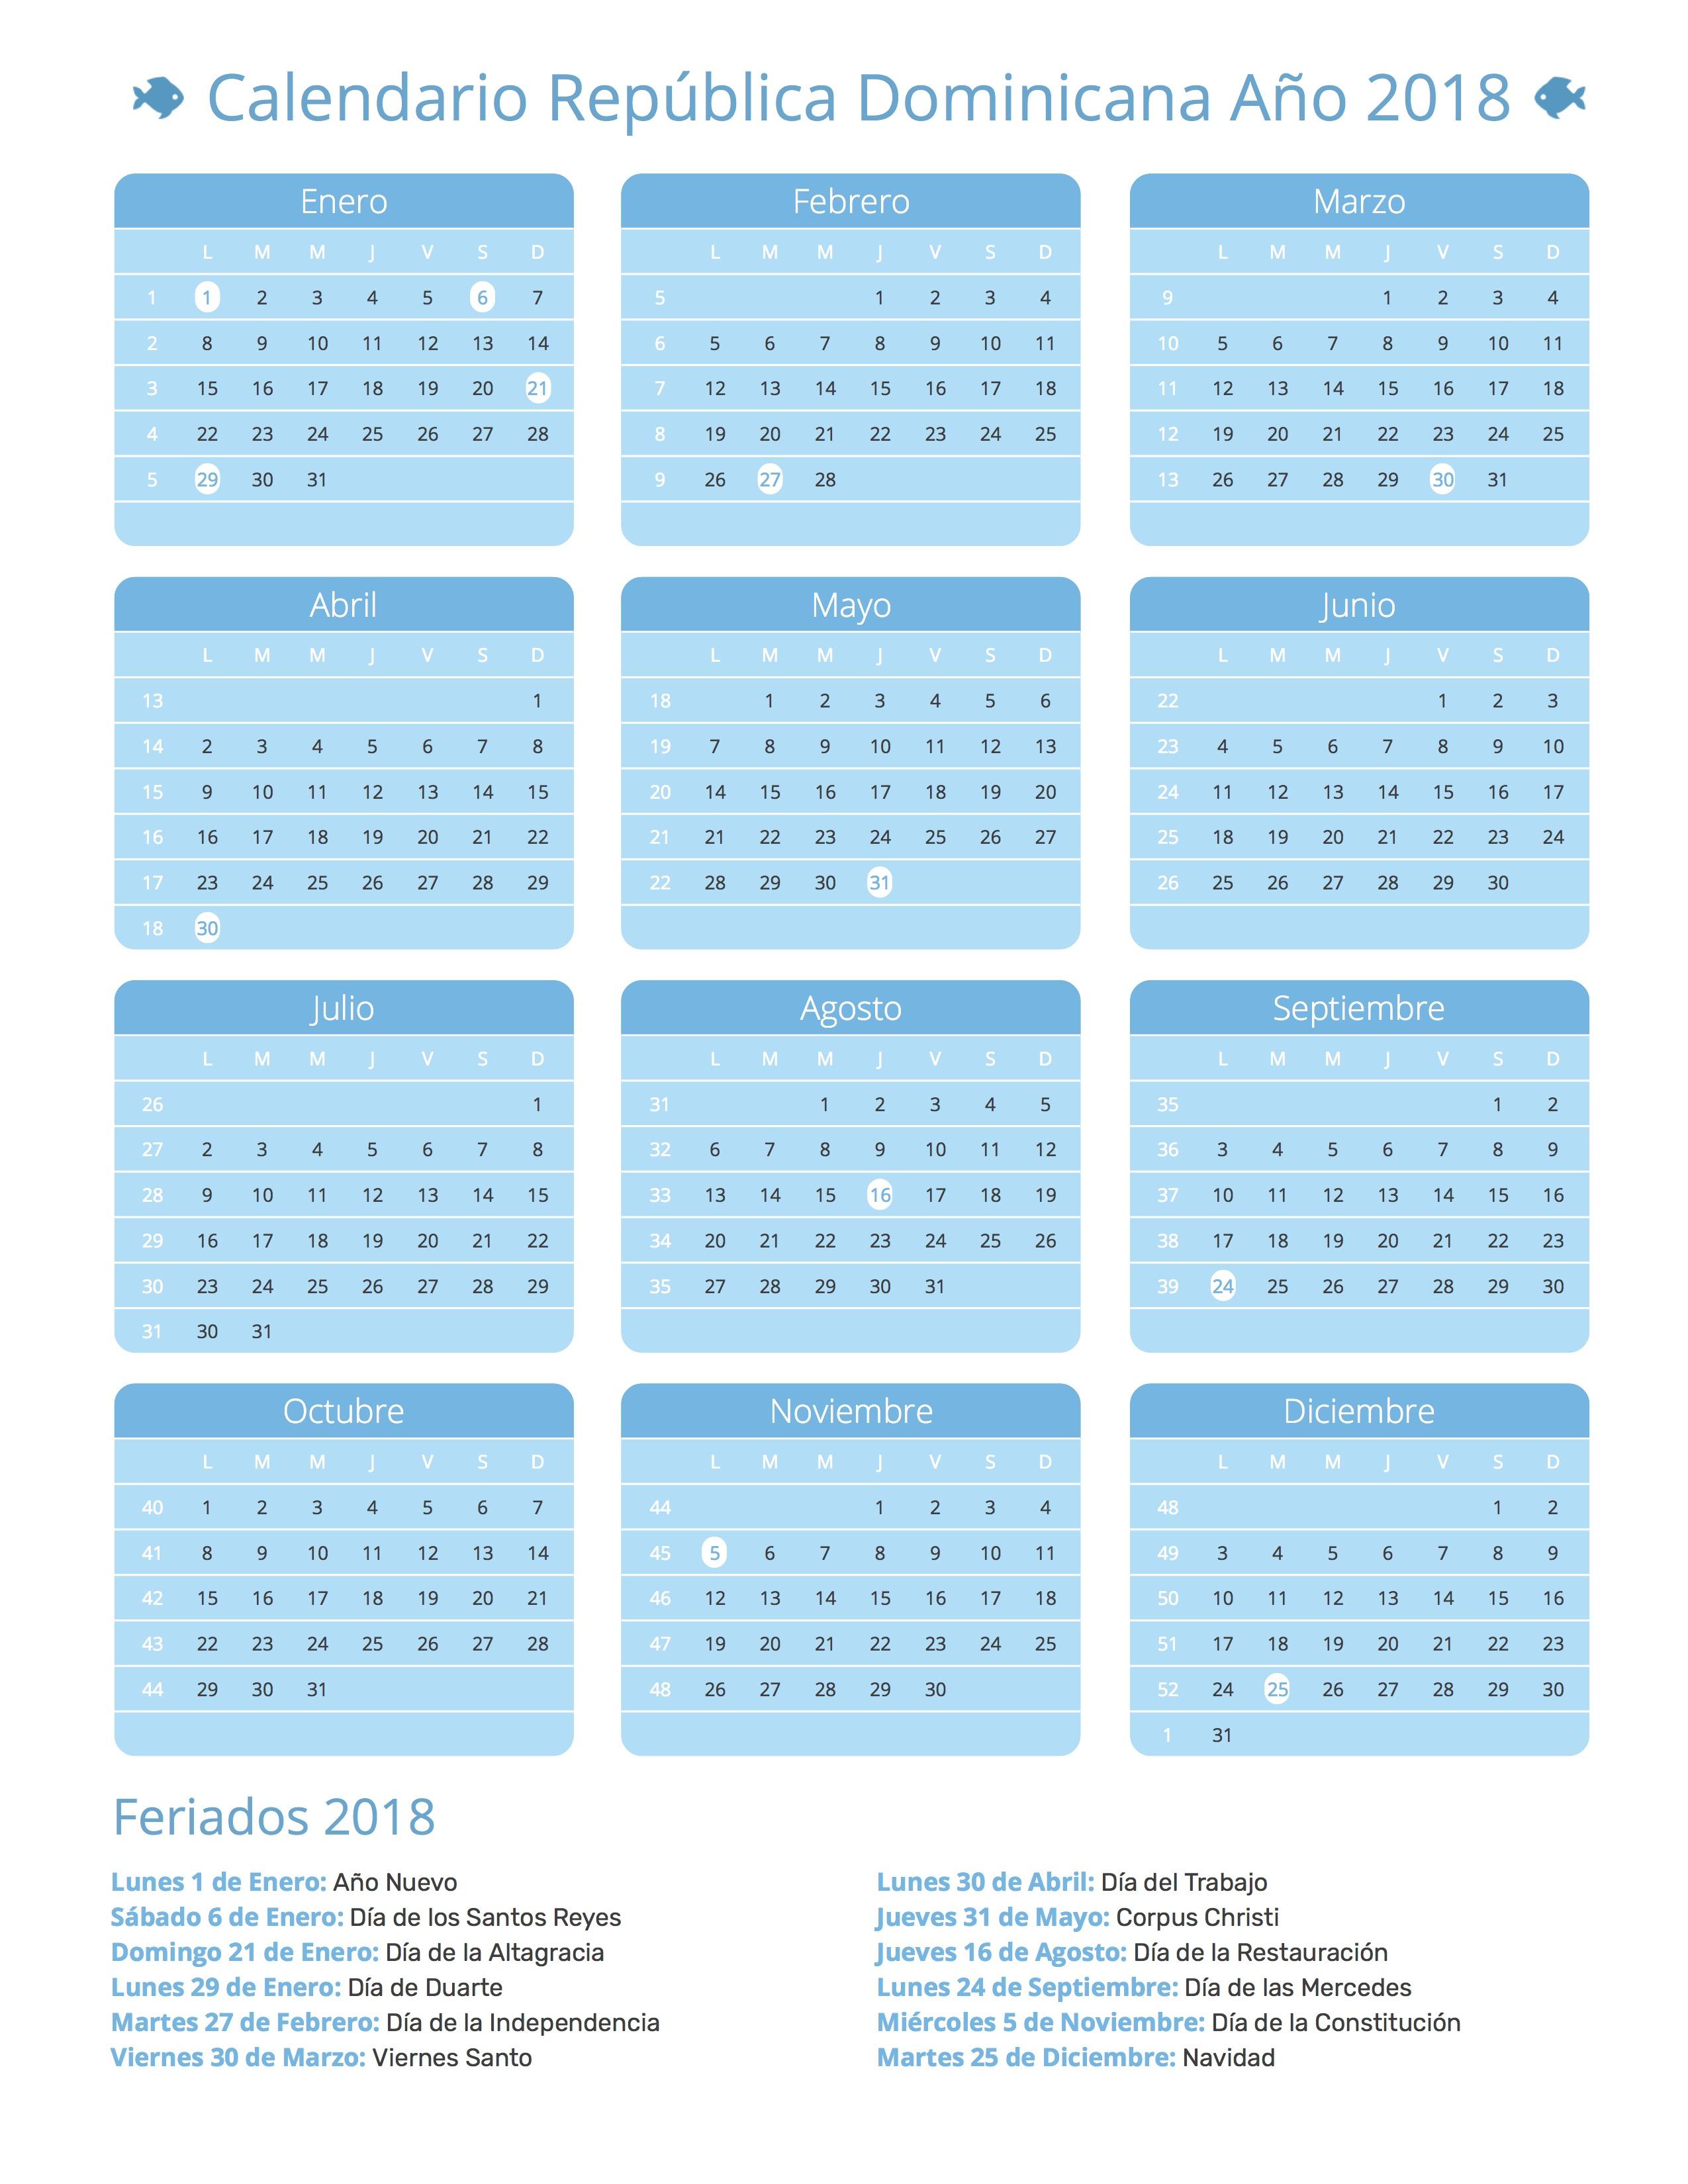 Calendario de República Dominicana Año 2018 | Feriados